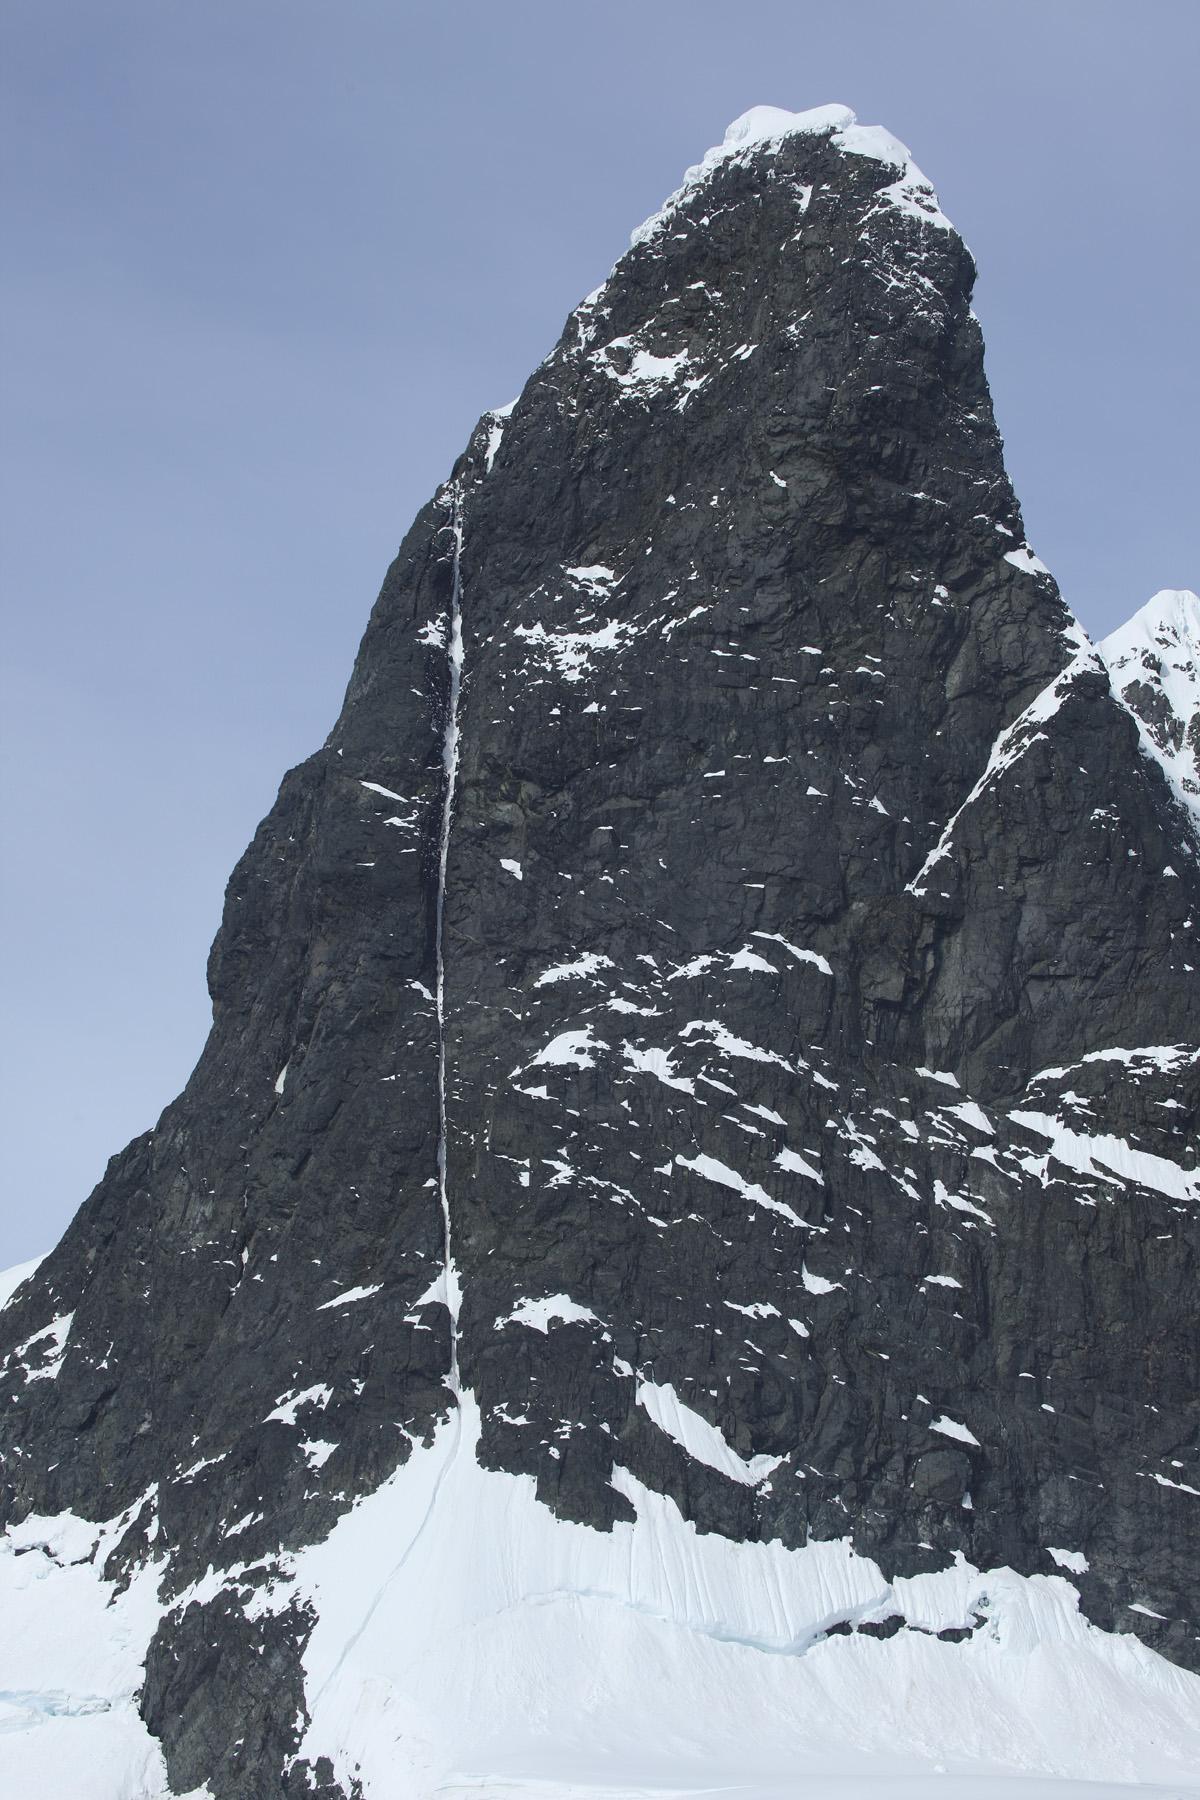 Zerua Peak, False Cape Renard. Spot the line. From exit of couloir, 42 Balais et Toujours pas Calmé finishes up crest of ridge to summit. Azken Paradizua (7a 90° M6, ca 600m, Baraiazarra-Pou-Pou, December 2007) climbs left ridge in its entirety.